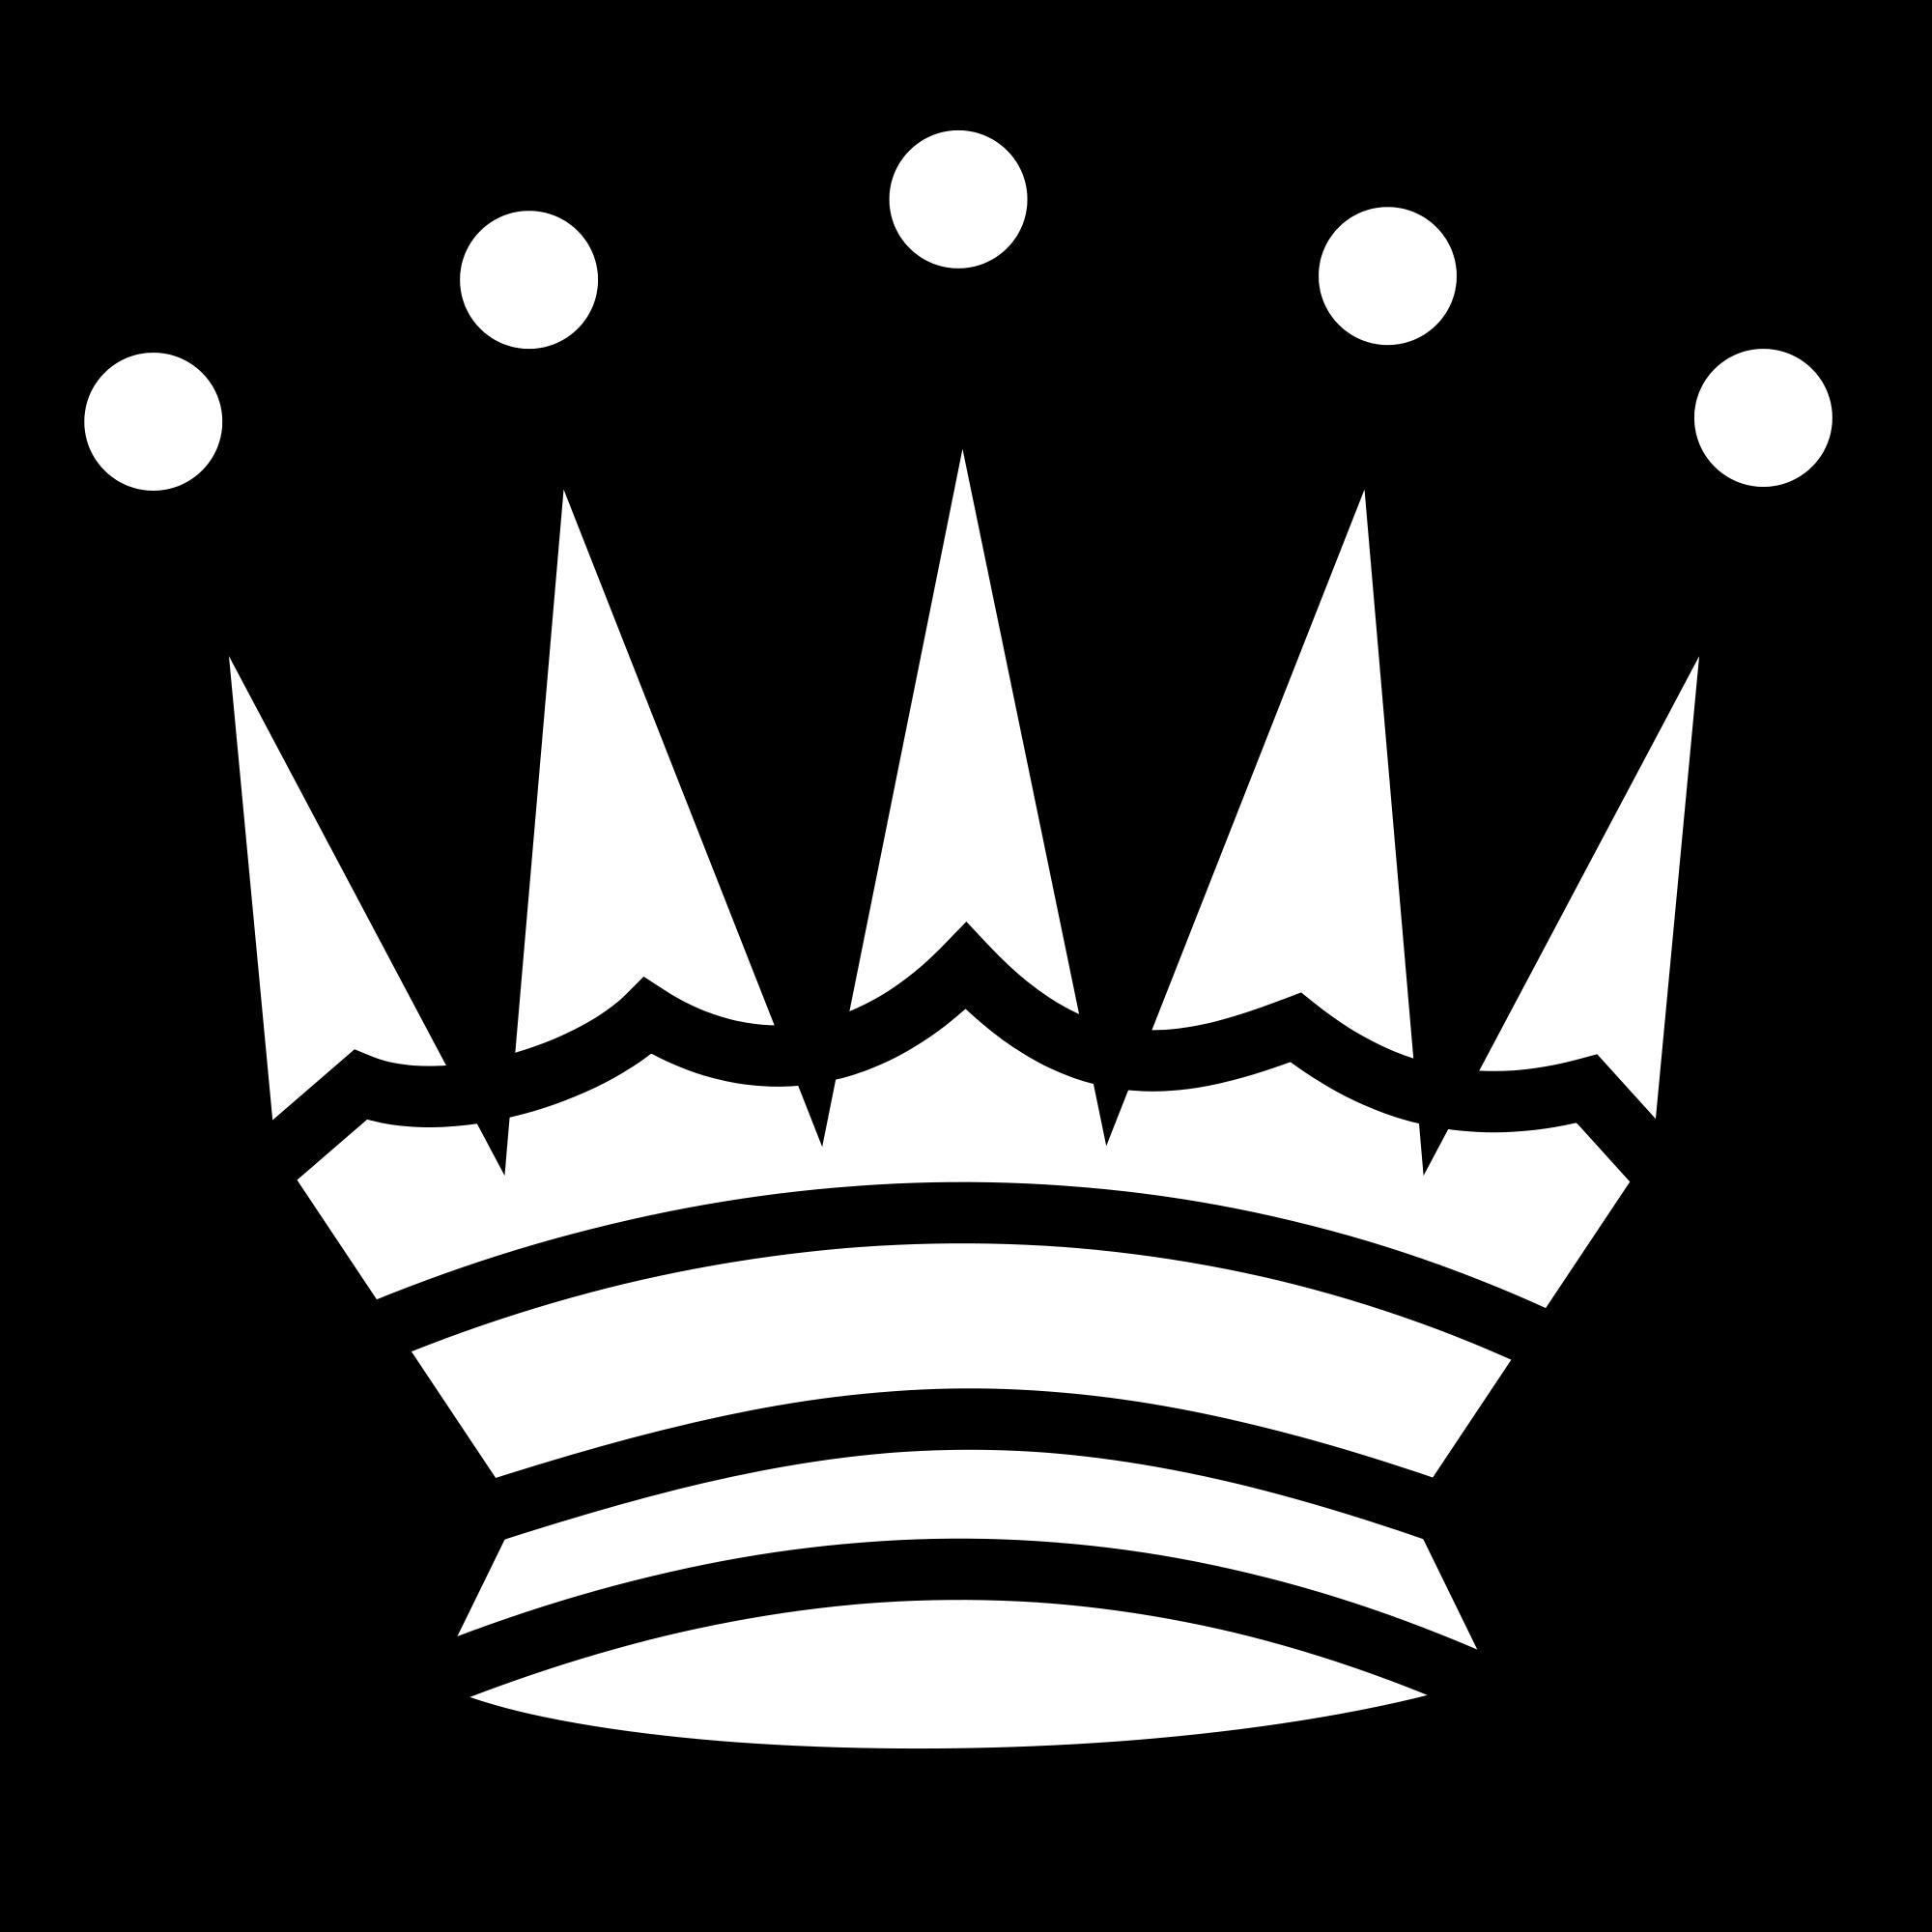 Queen PNG - 39756